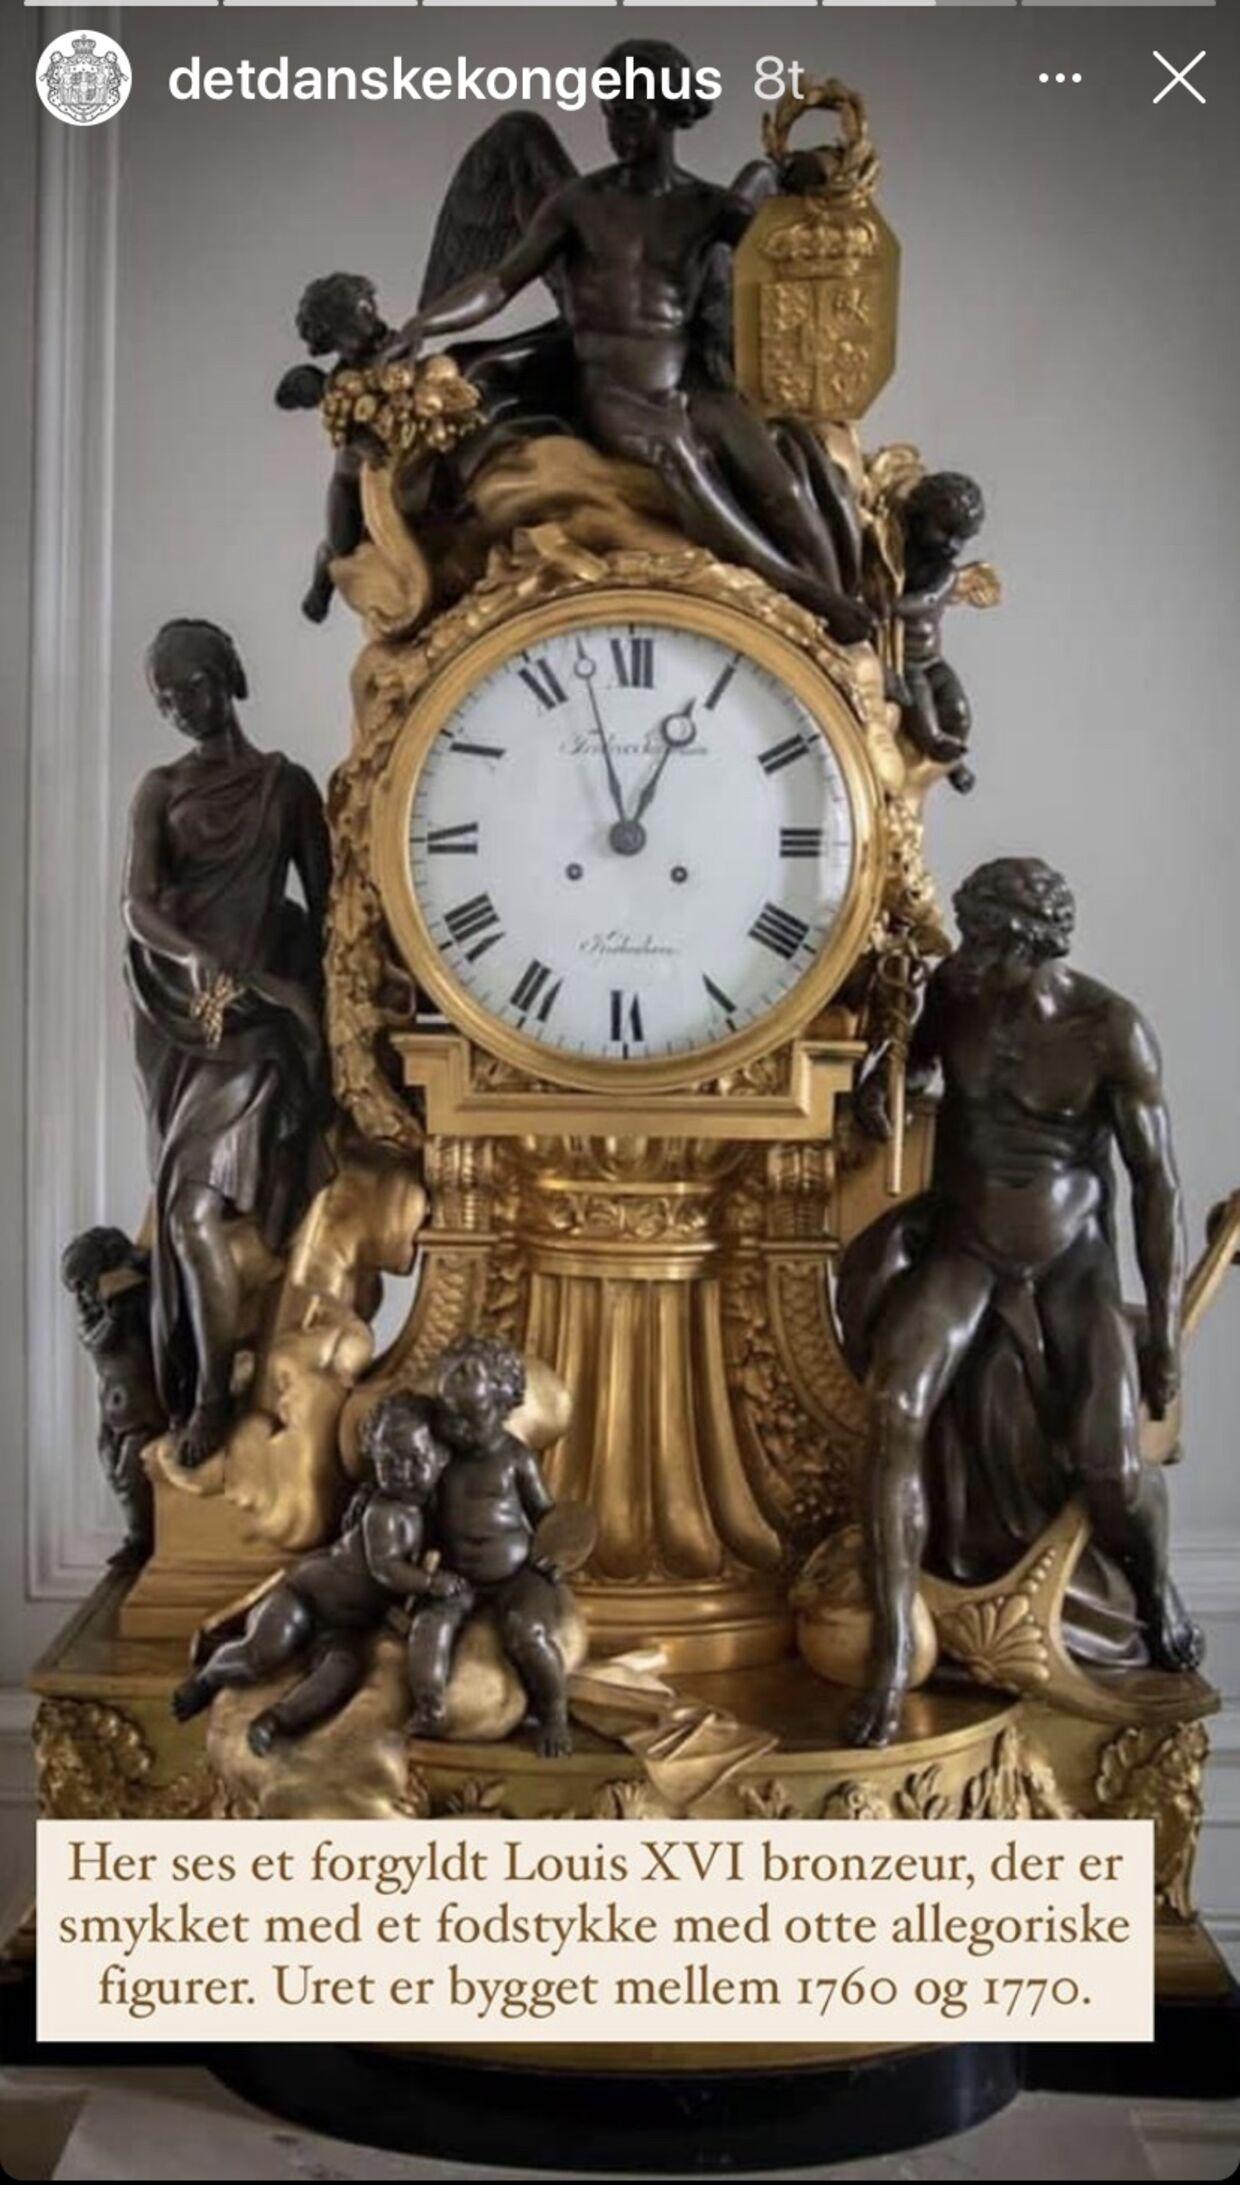 På Amalienborg har man også haft travlt med at stille urene tilbage i forbindelse med vintertid. Det oplyser kongehuset via Instagram.